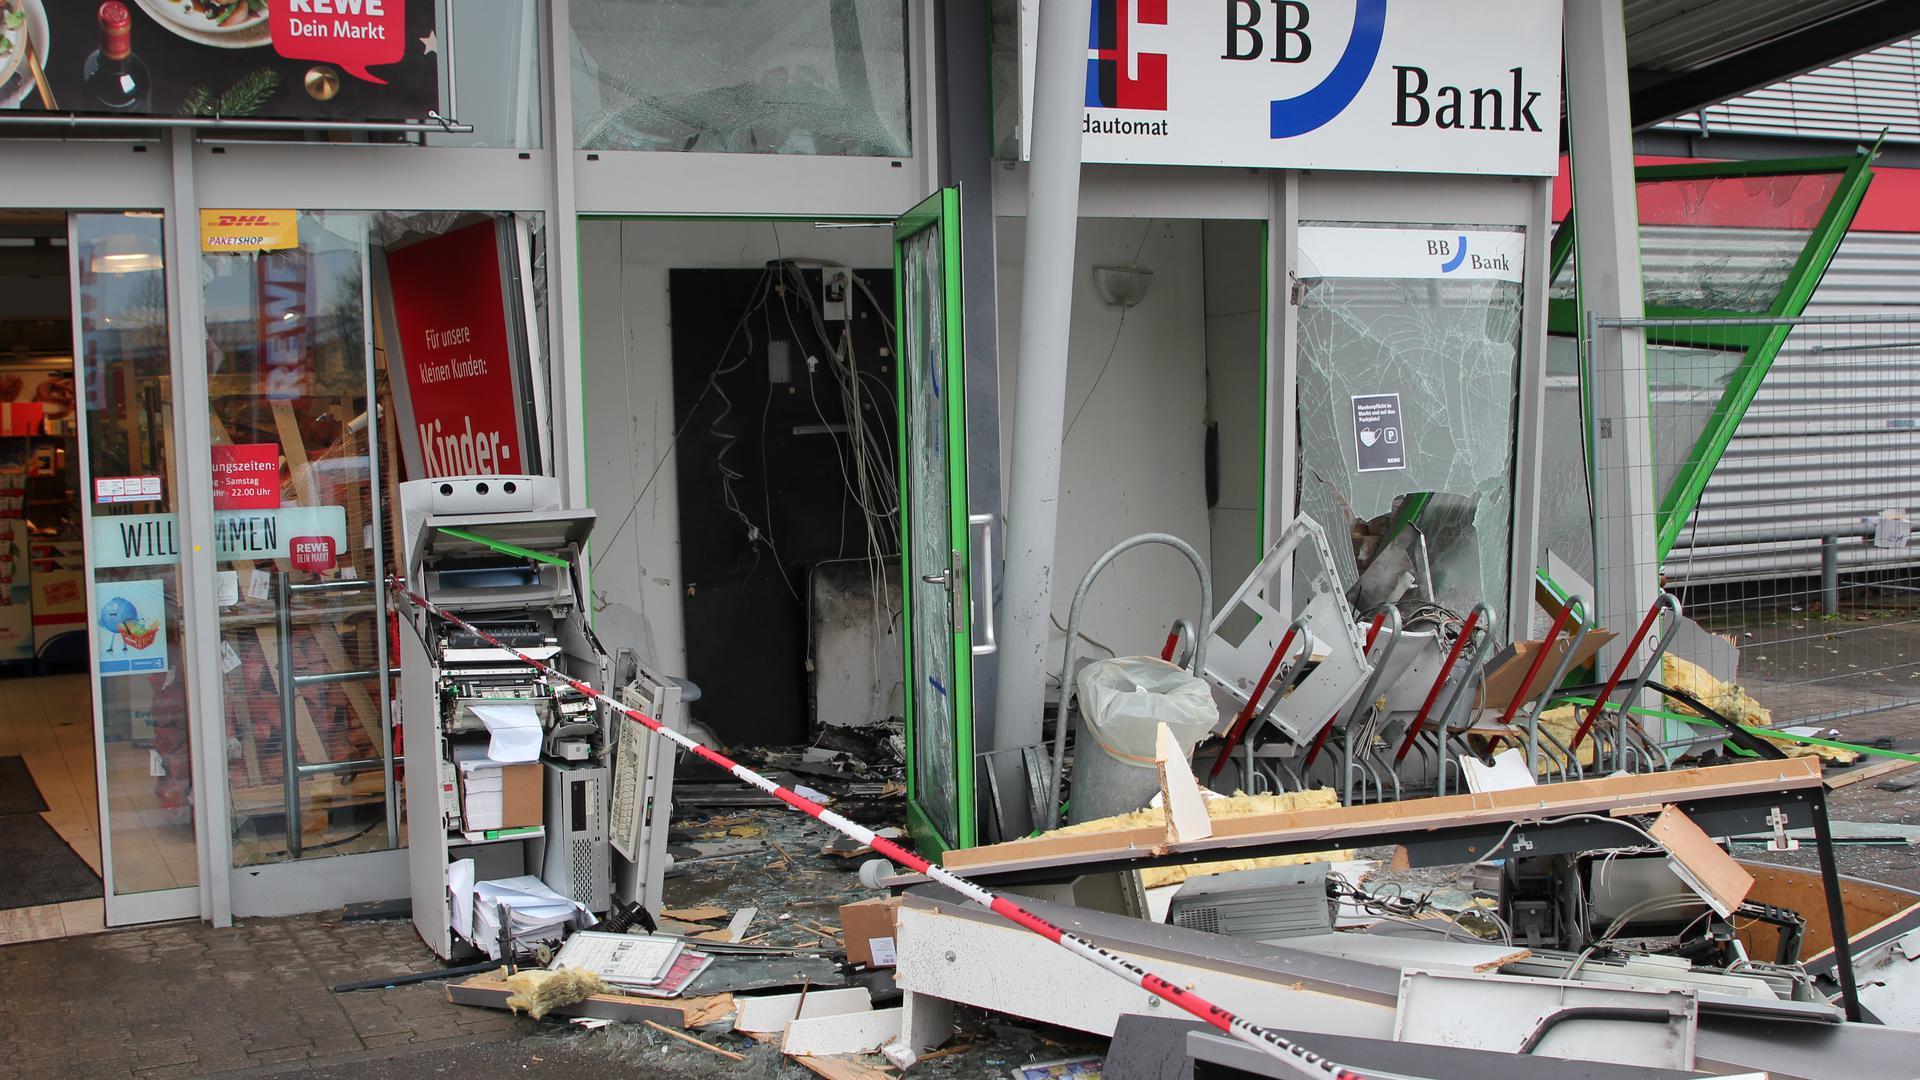 Sprengung Geldautomat Graben-Neudorf 14.1.2021